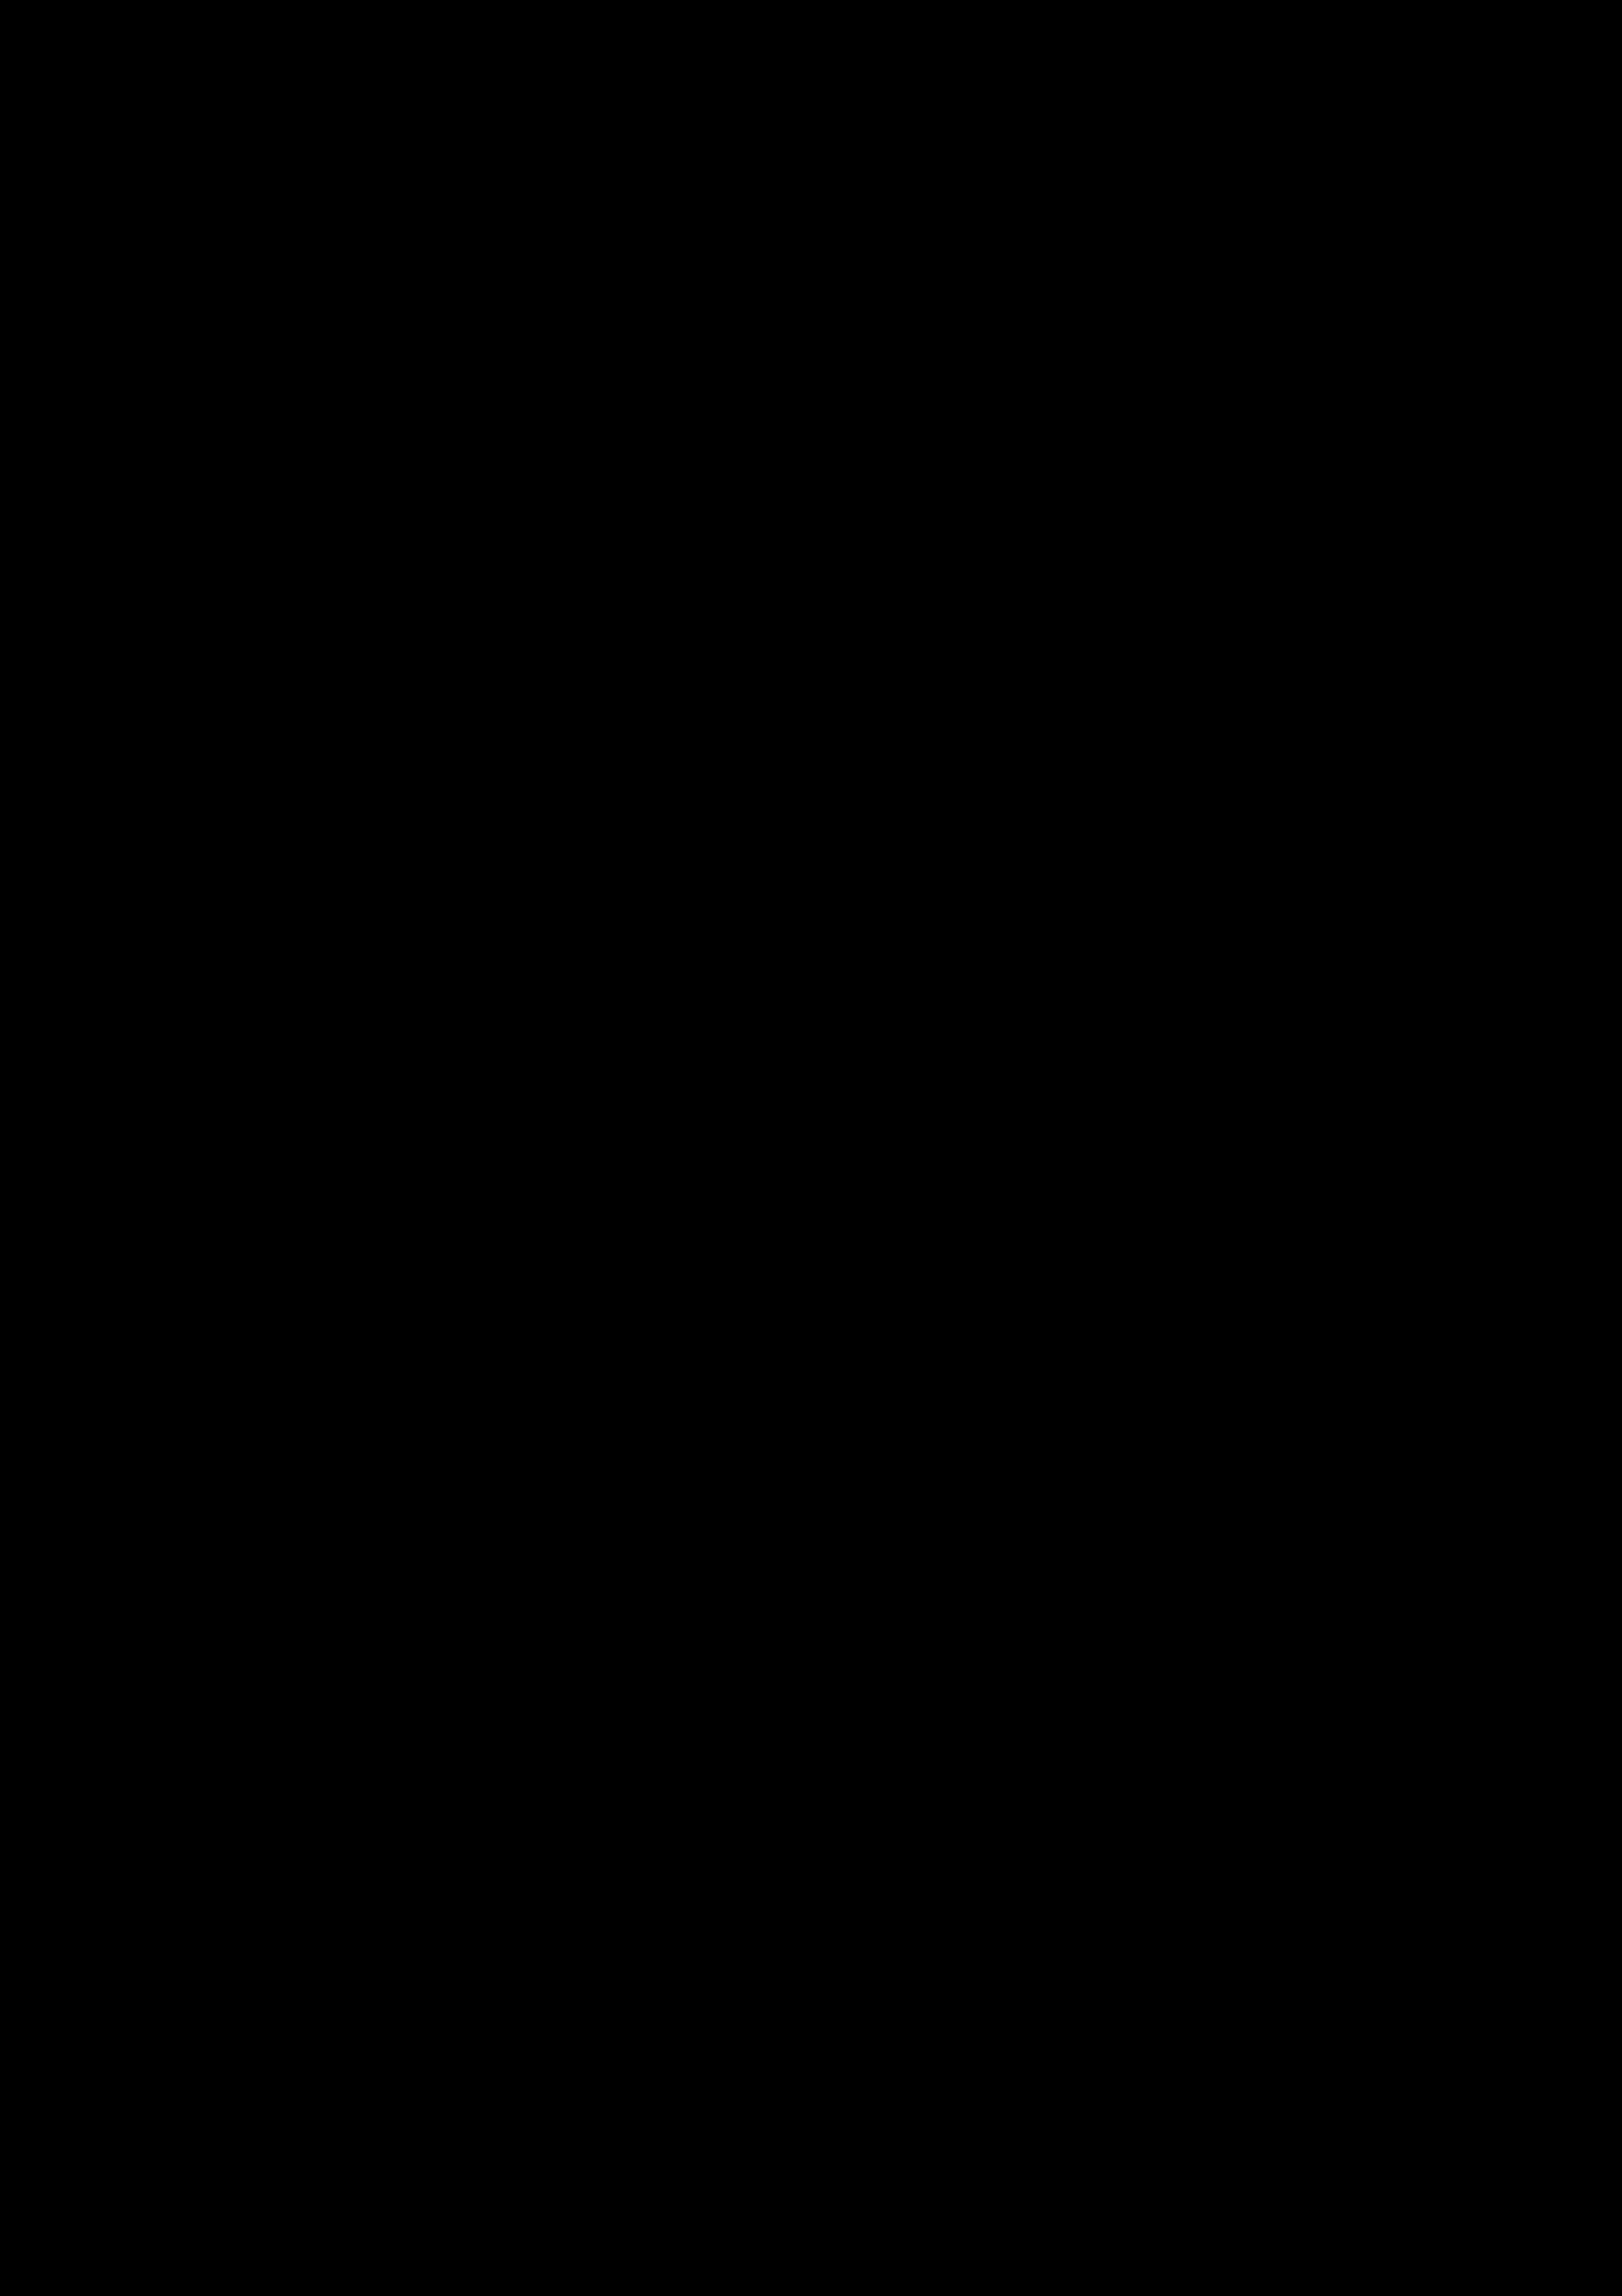 東京家政学院大学主催 映画監督大友啓史トークセッション アドリブを活きる力  -- 人生を豊かにするために --